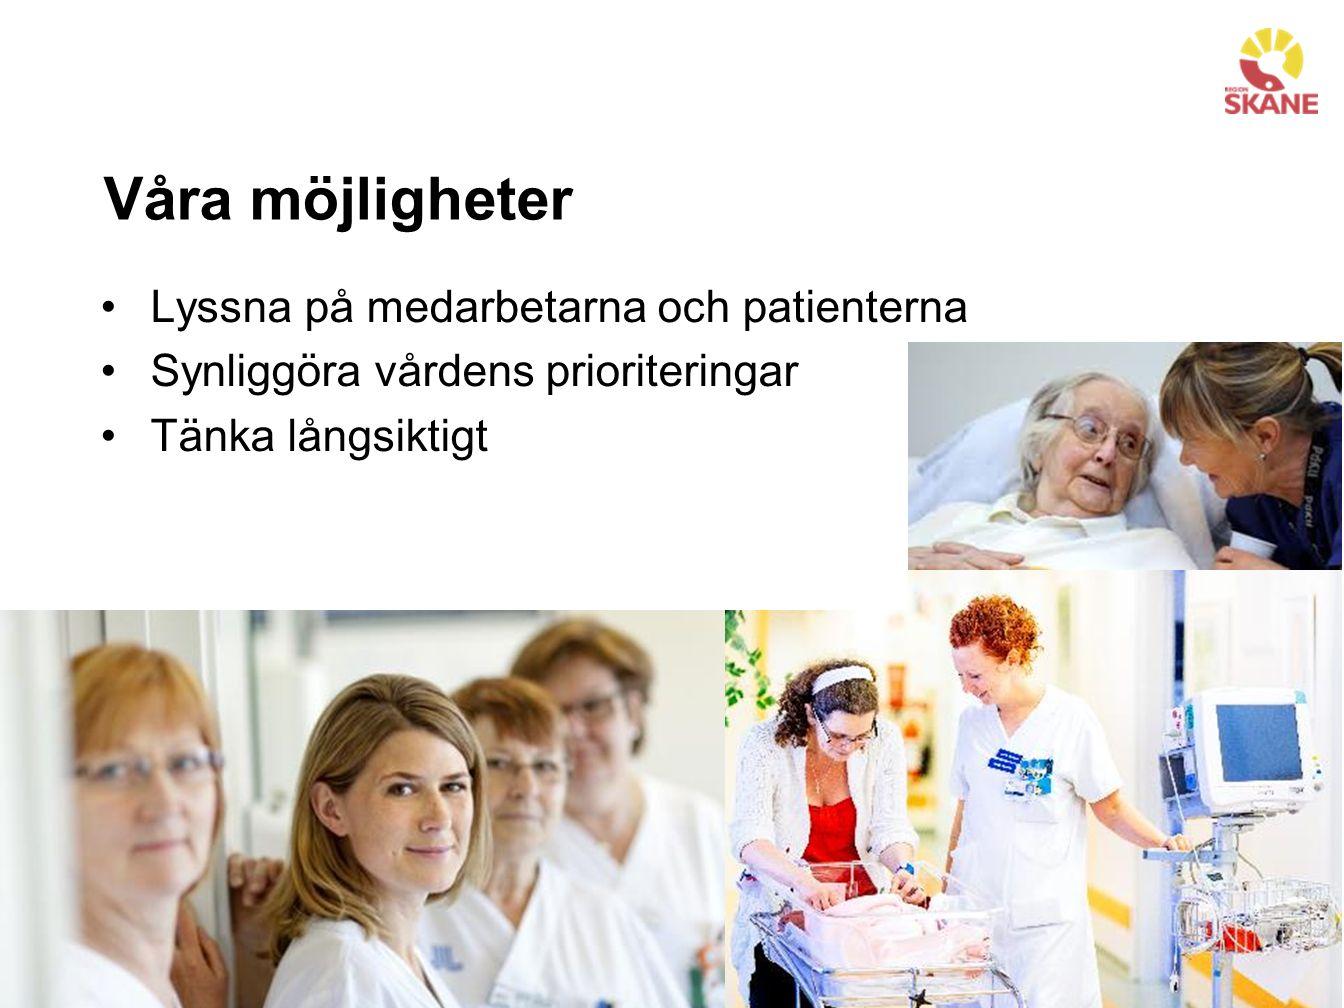 Våra möjligheter Lyssna på medarbetarna och patienterna Synliggöra vårdens prioriteringar Tänka långsiktigt